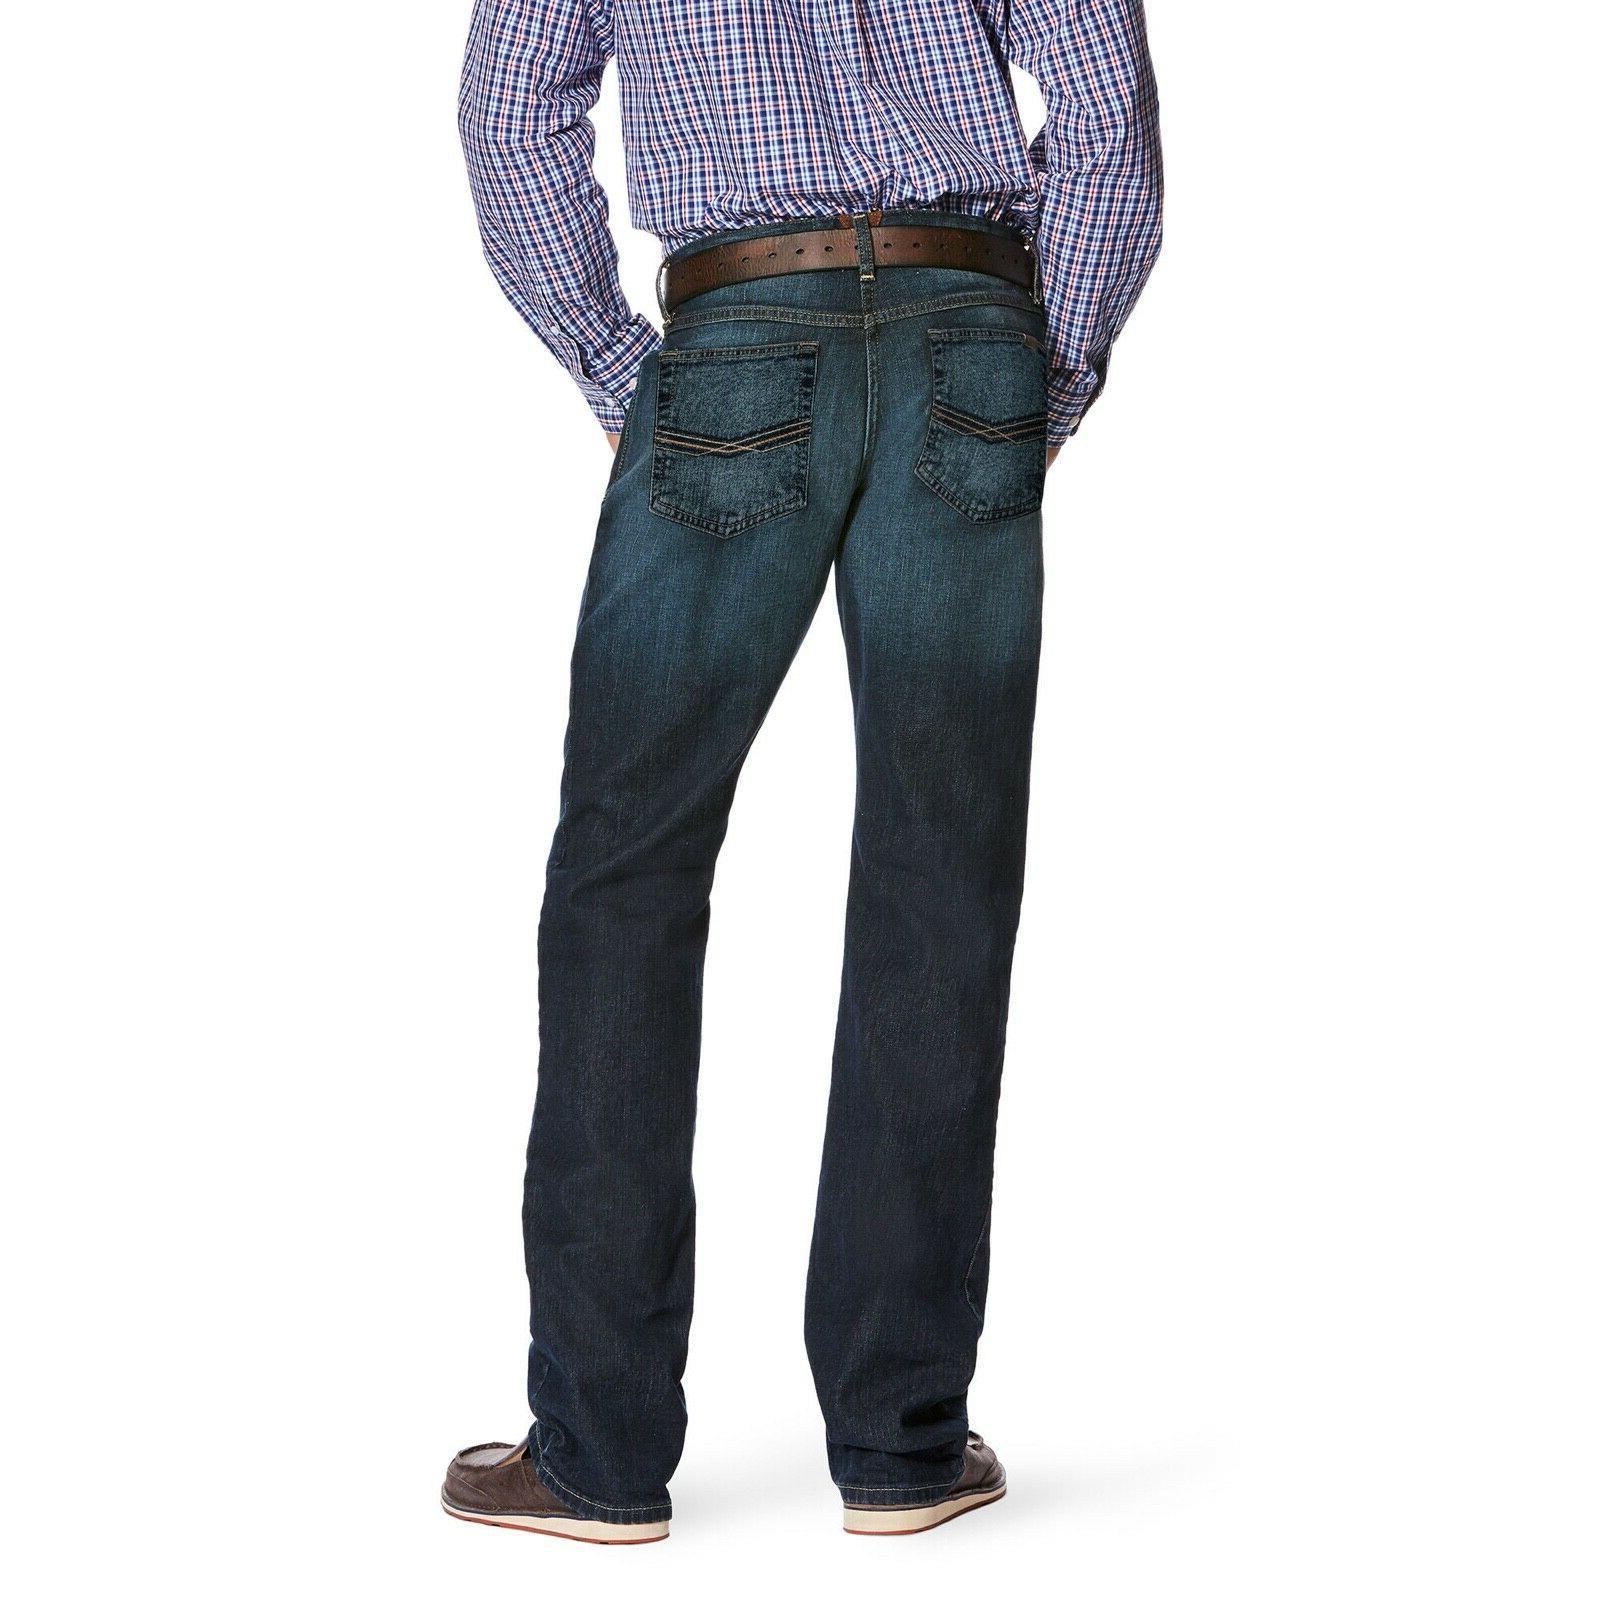 Ariat® Stretch Fit Cut Jeans